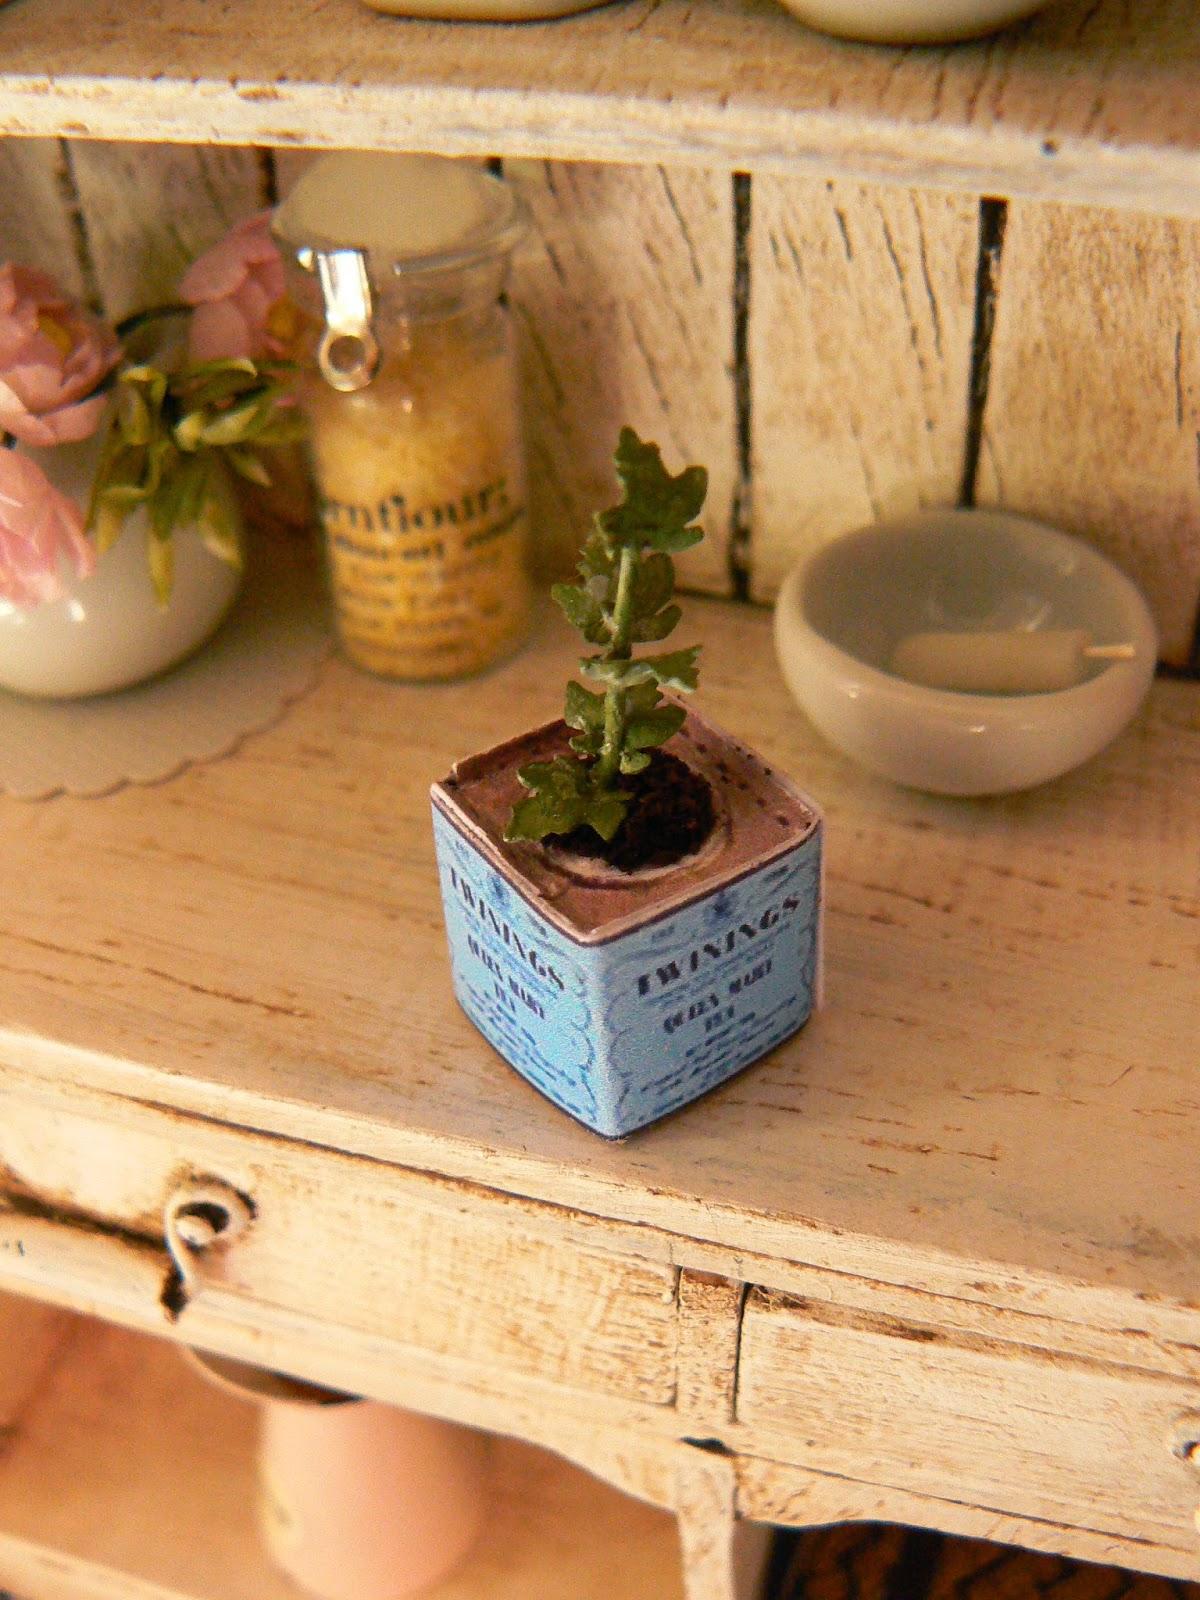 Minieden plantas aromaticas - Plantas aromaticas en la cocina ...